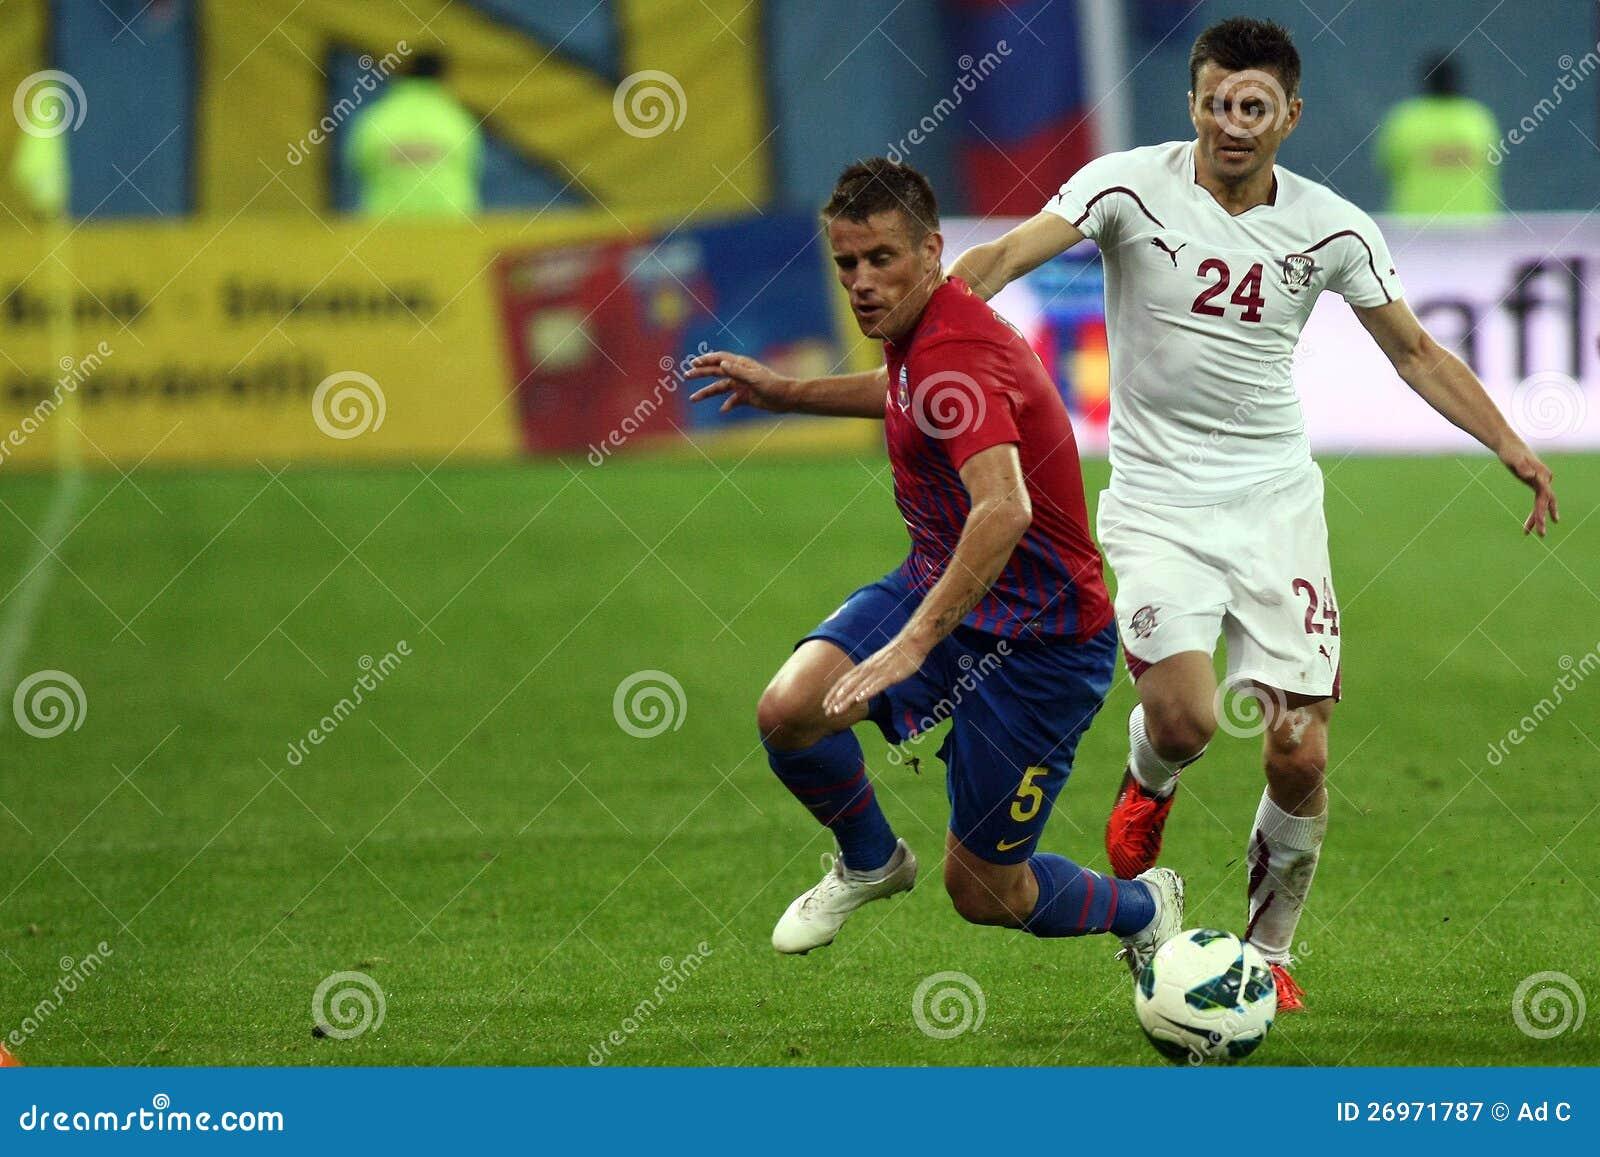 FC Steaua Bucharest - FC Rapid Bucharest